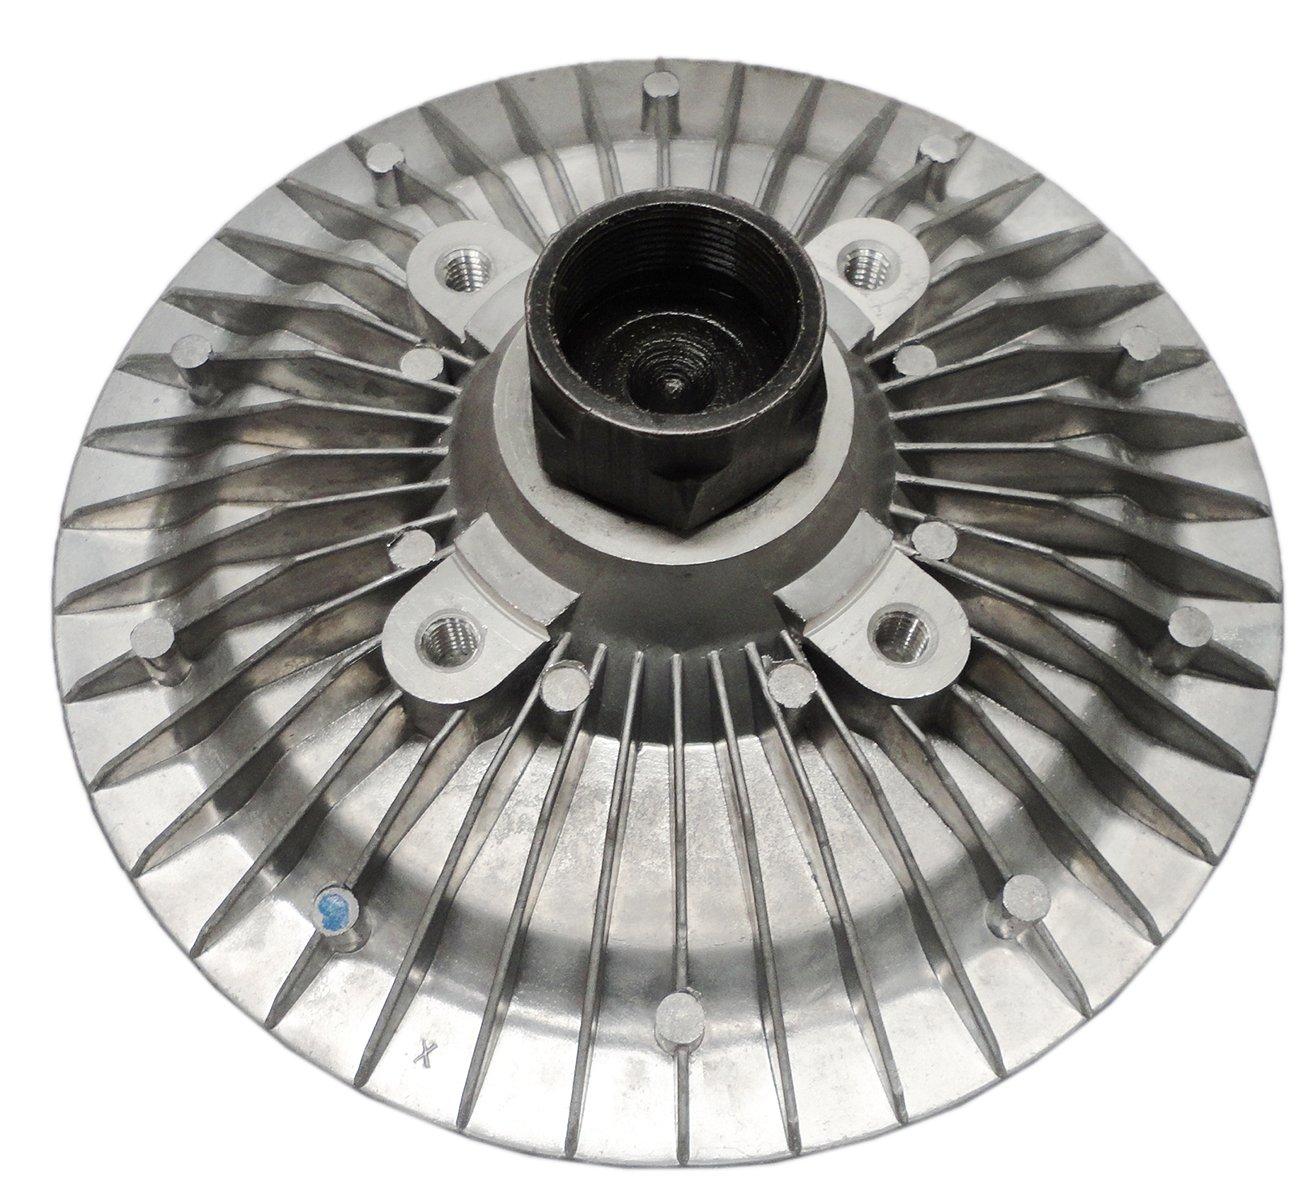 LS400 SC400 ITM Engine Components 09-41600 Left Cylinder Head Gasket for 1990-1997 Lexus 4.0L V8 1UZFE